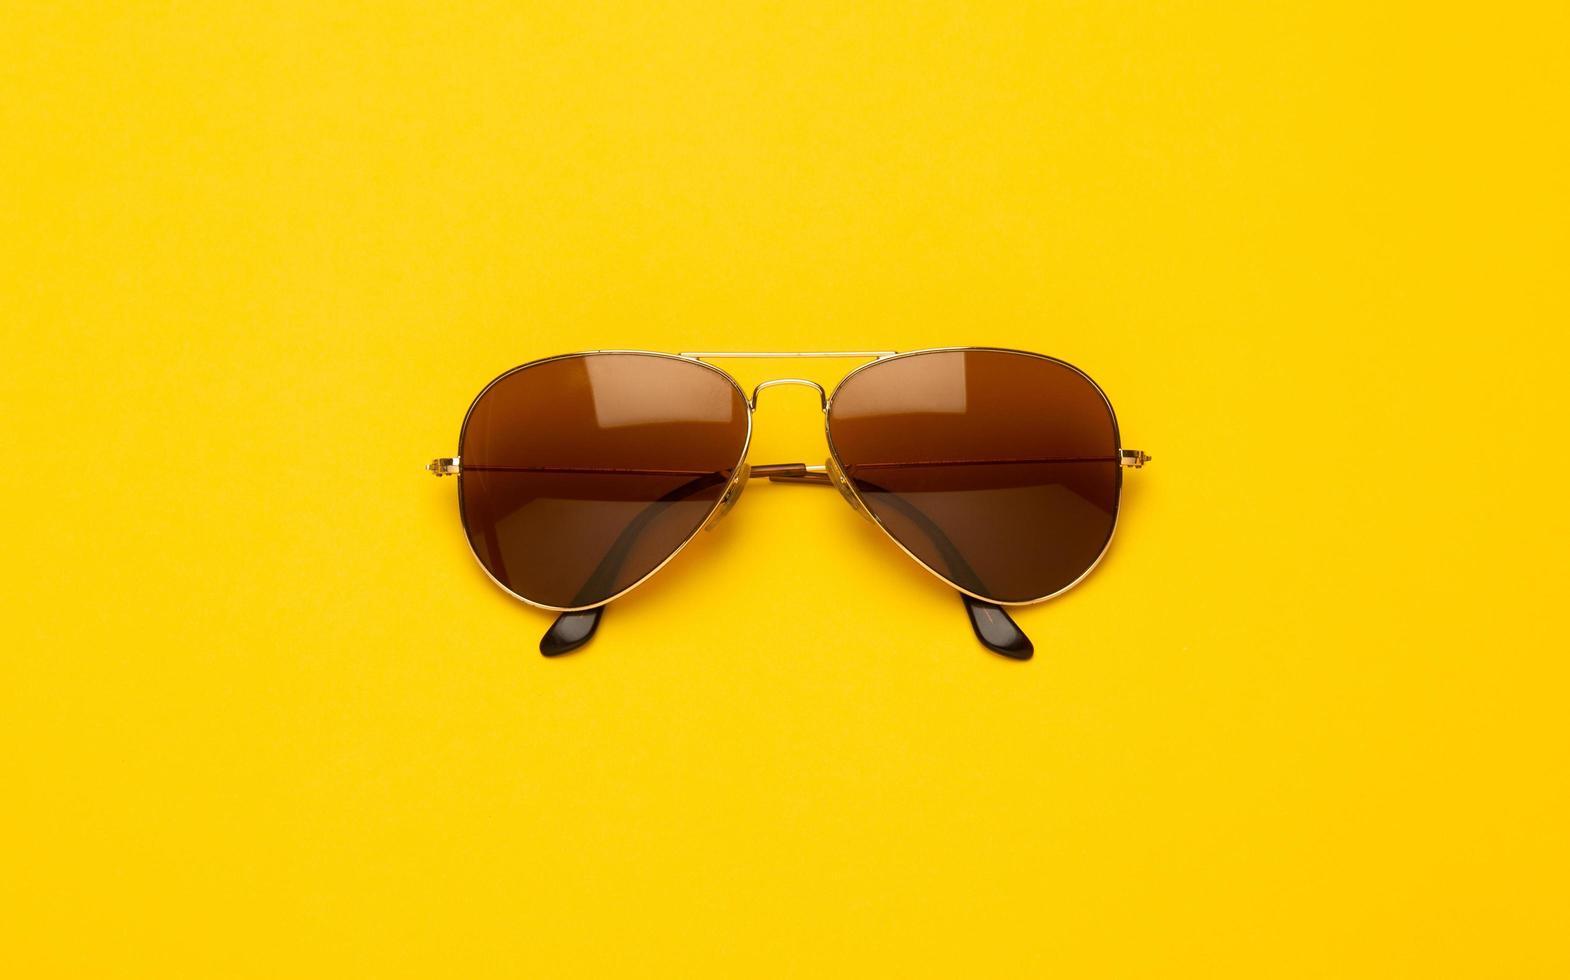 occhiali da sole marroni su sfondo giallo foto